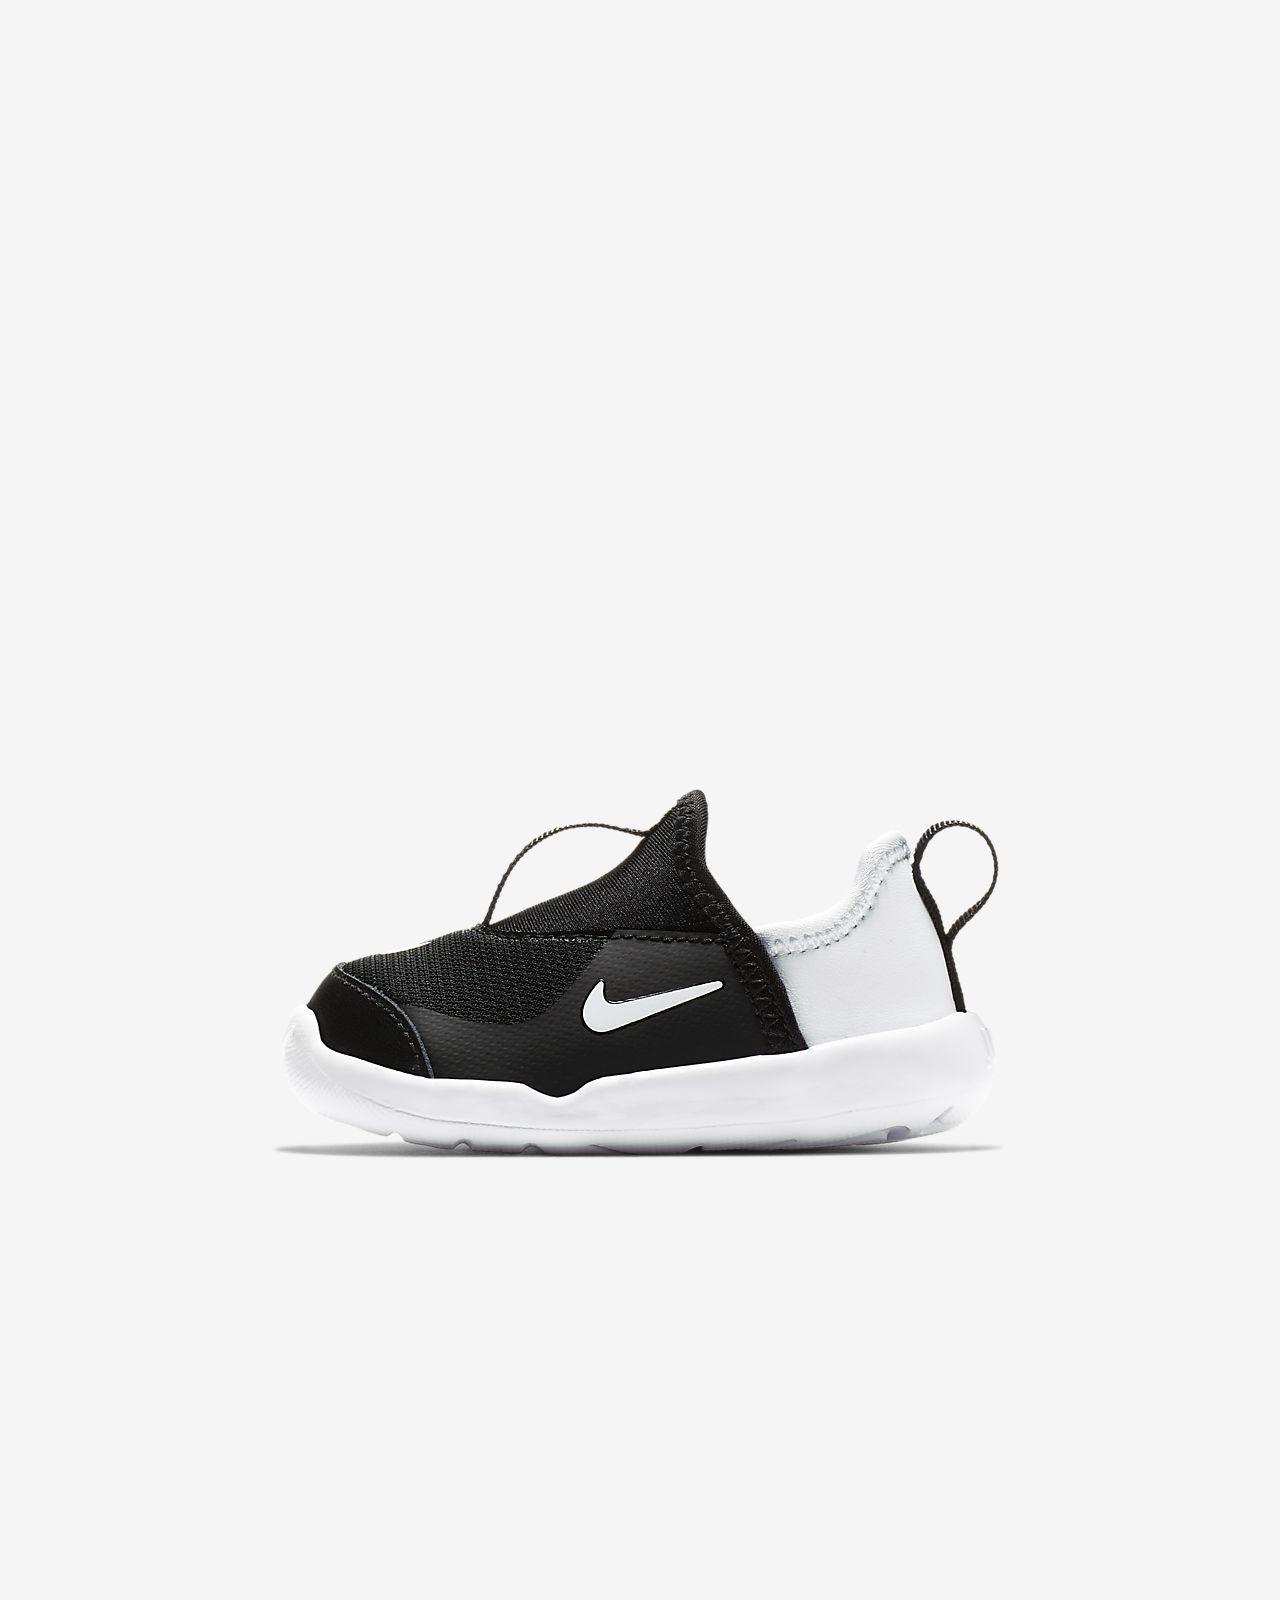 Nike Lil' Swoosh 嬰幼兒鞋款